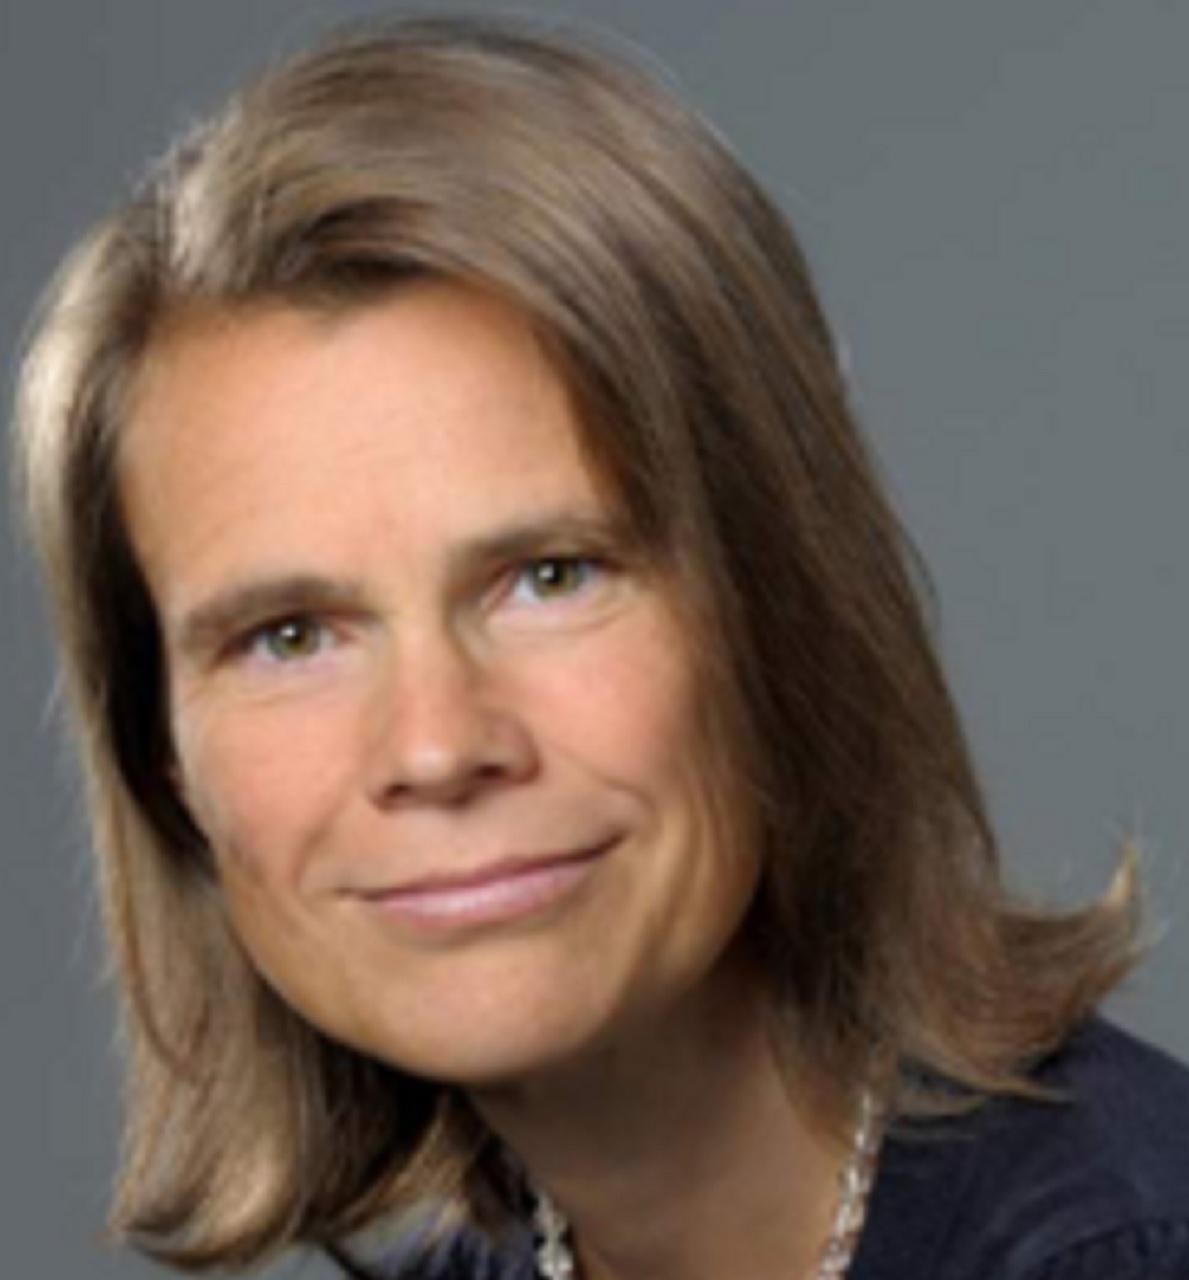 Profesorka etiky Nikola Biller-Andornová